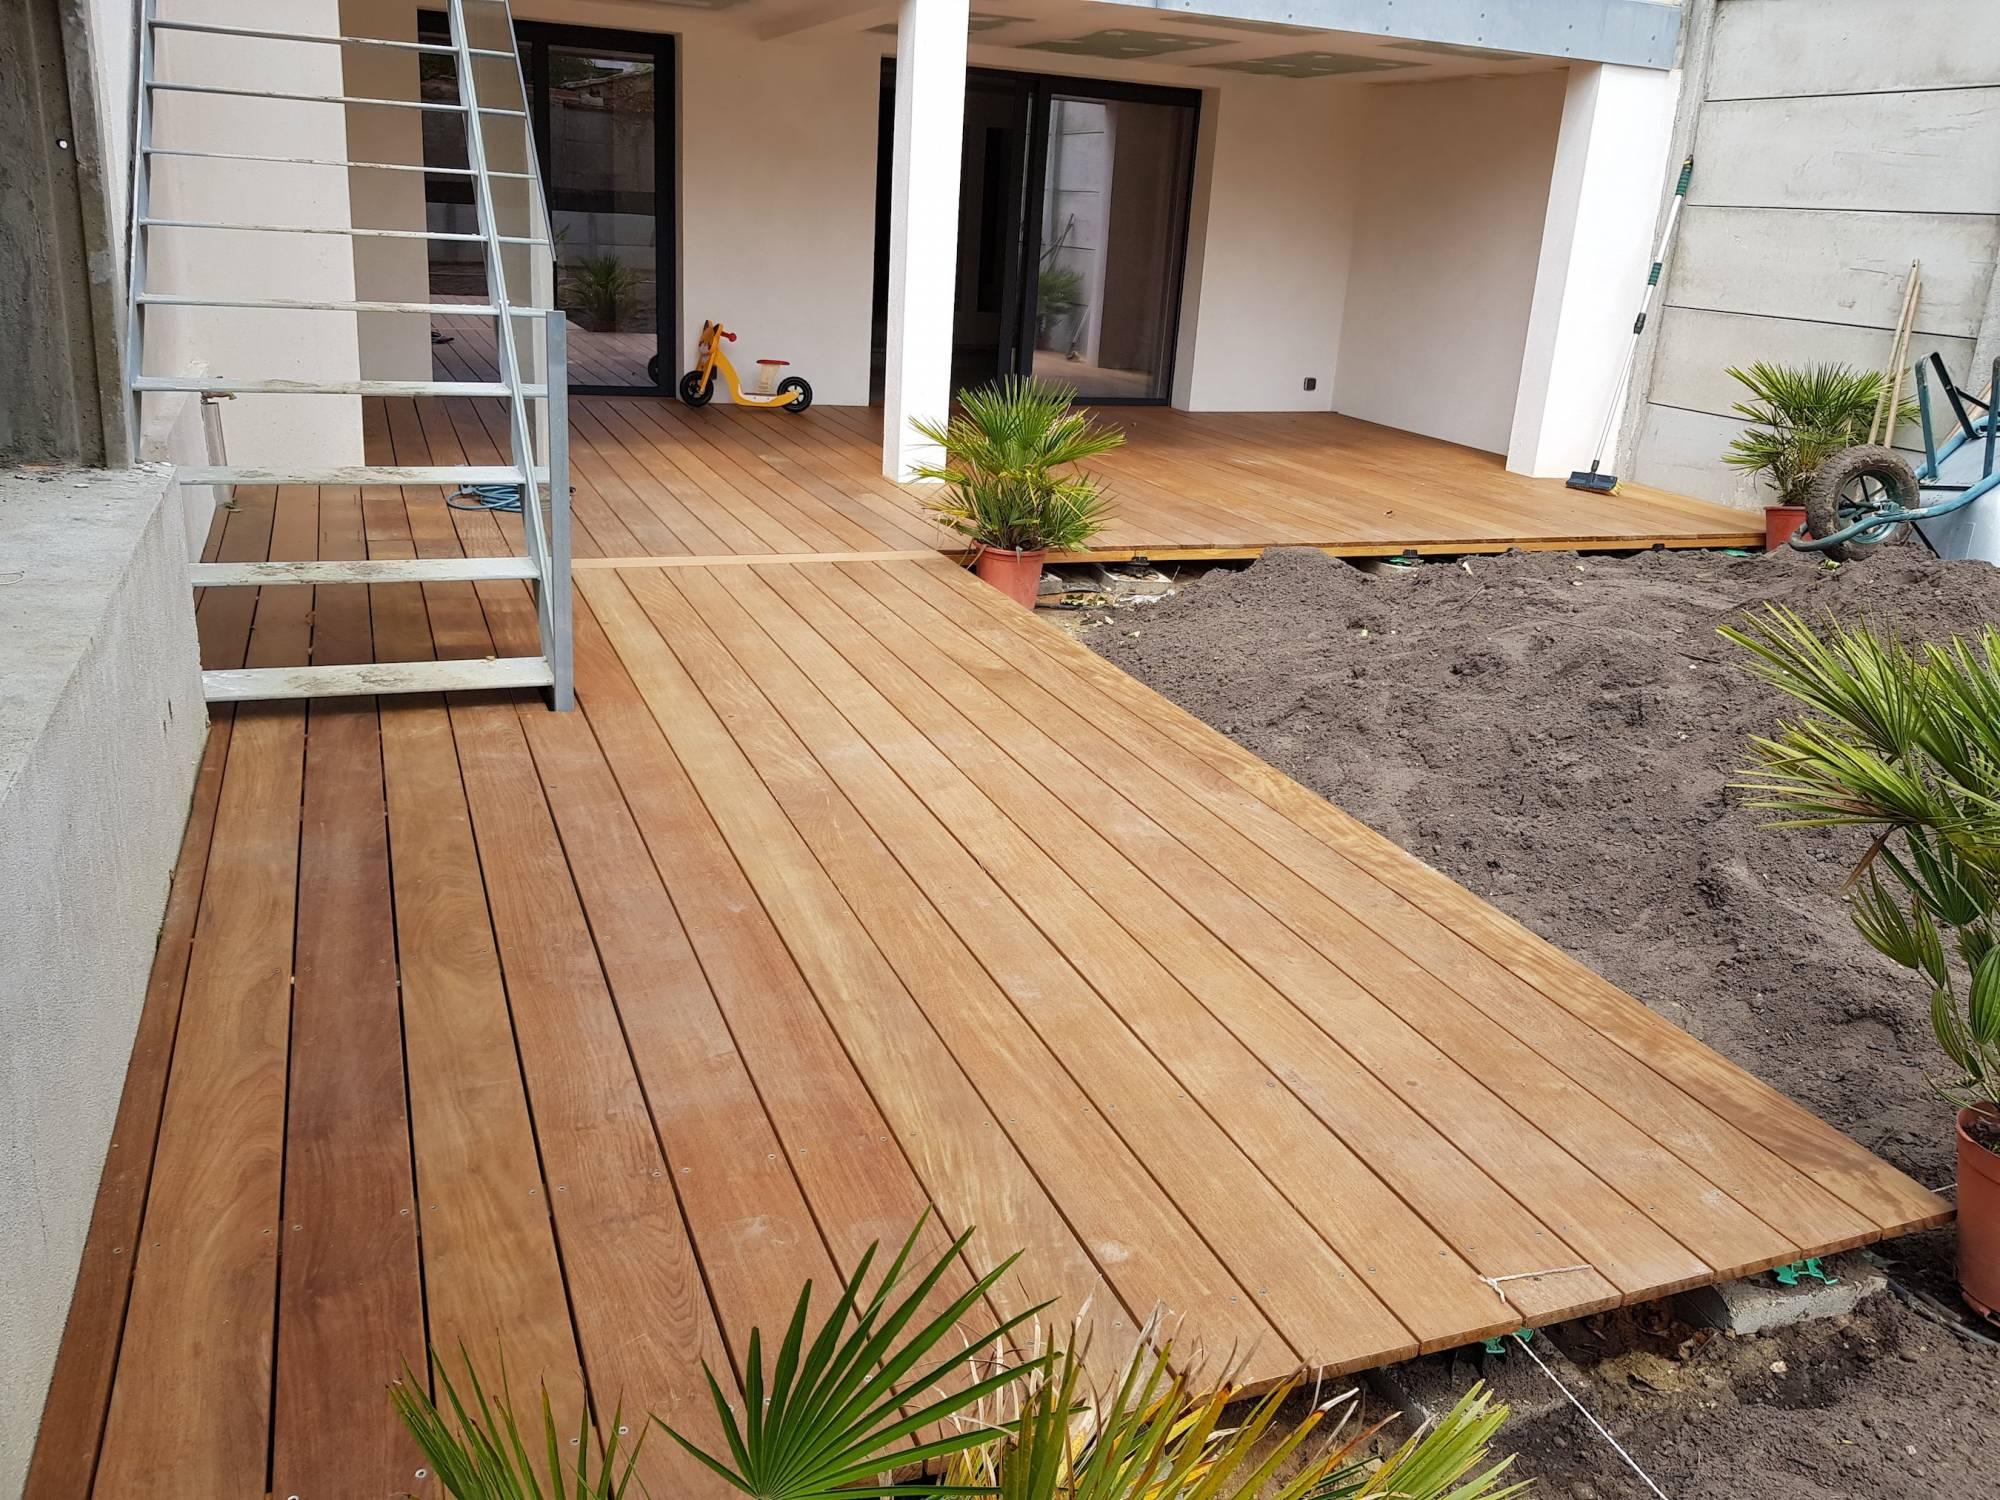 Terrasse En Bois Exotique vente et installation d'une terrasse en bois exotique ipe à